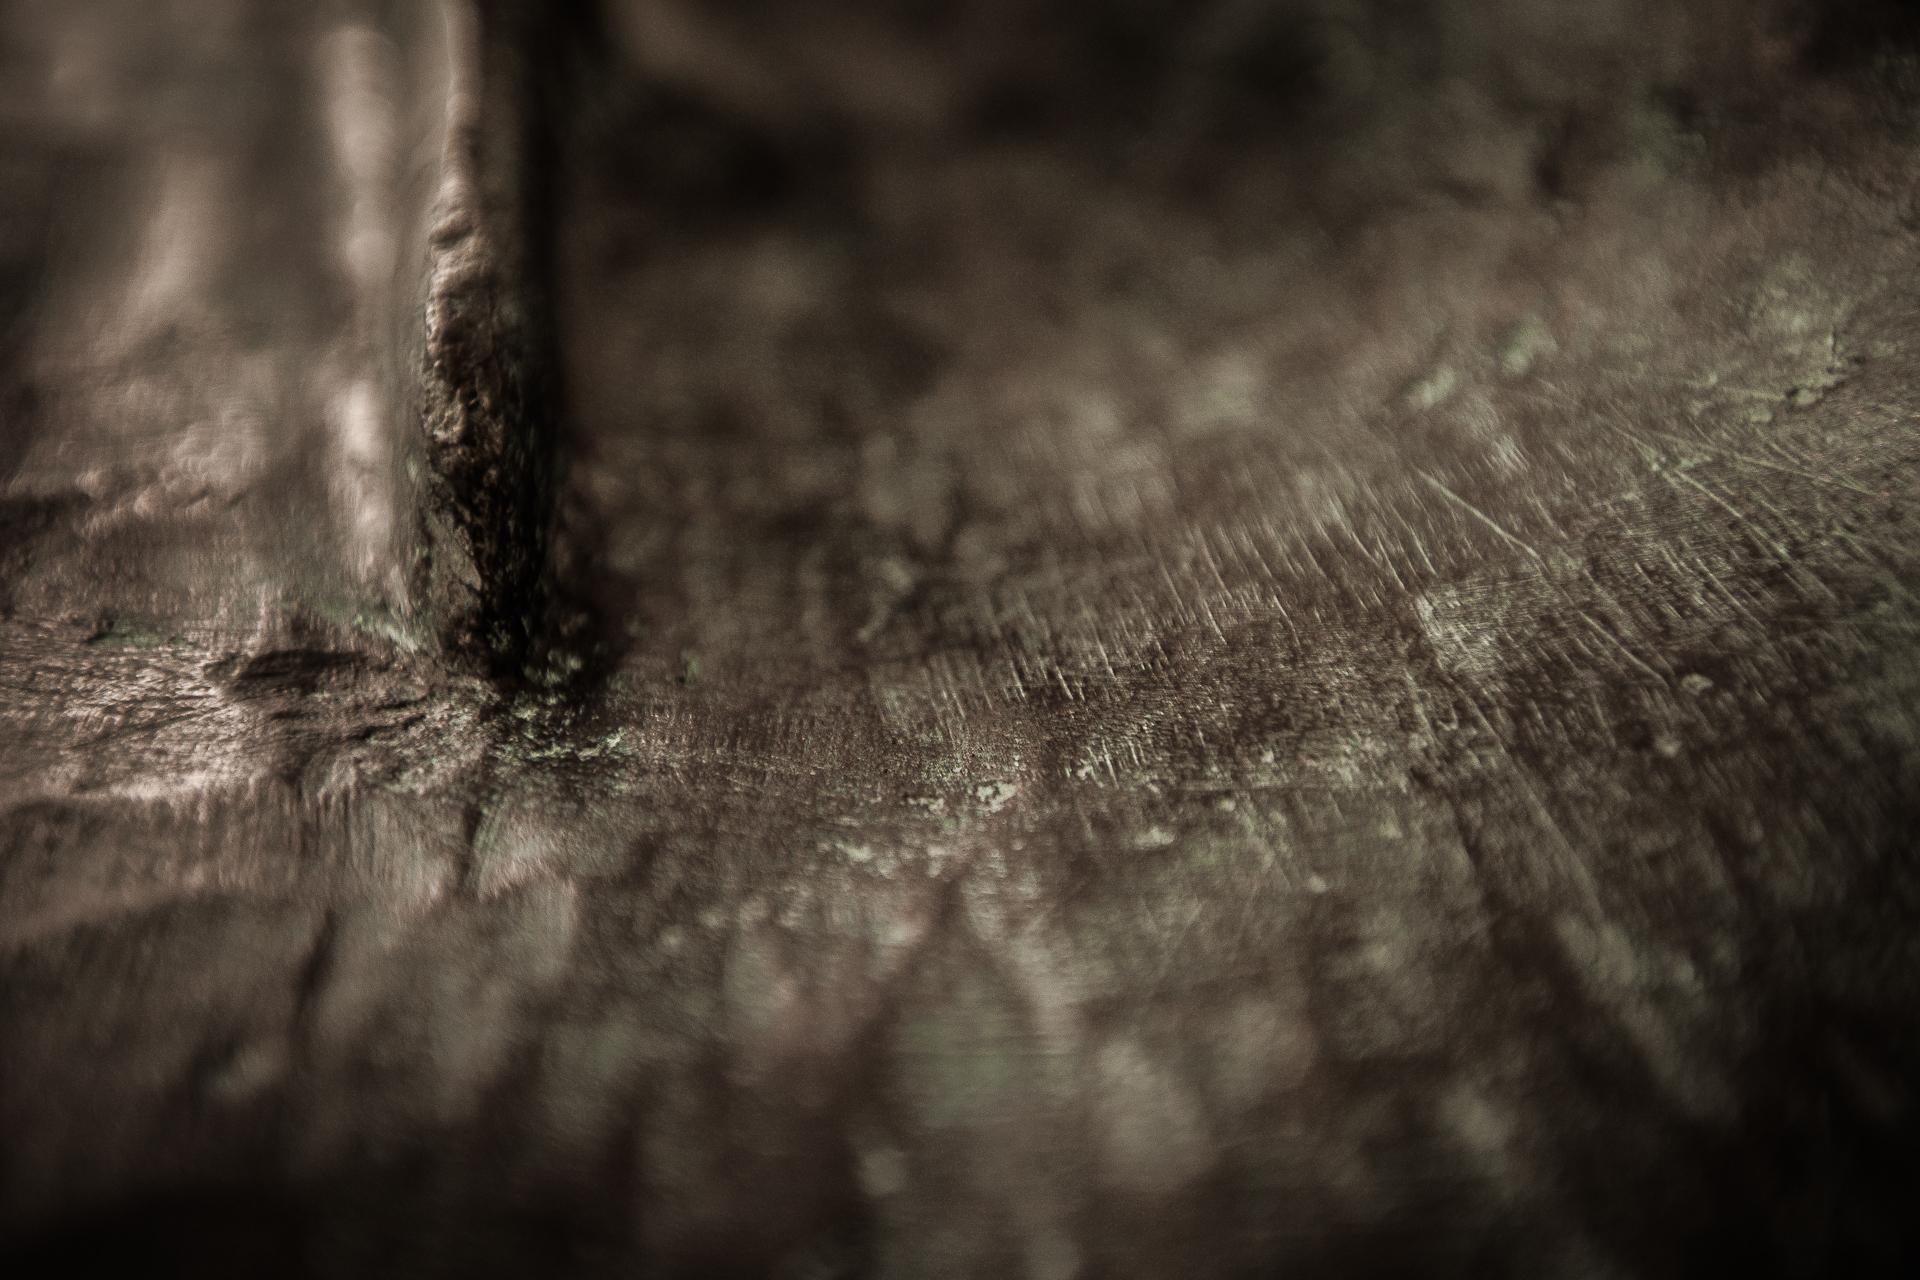 Fotografia-Photography-Alberto-Carneiro-Escultura-Sculpture-Bronze-Madeira-Wood-Basalto-Basalt-Fabrica-Santo-Thyrso-Texturas-Textures-Parcial-Partial-bonjourmolotov-Andre-Gigante-02